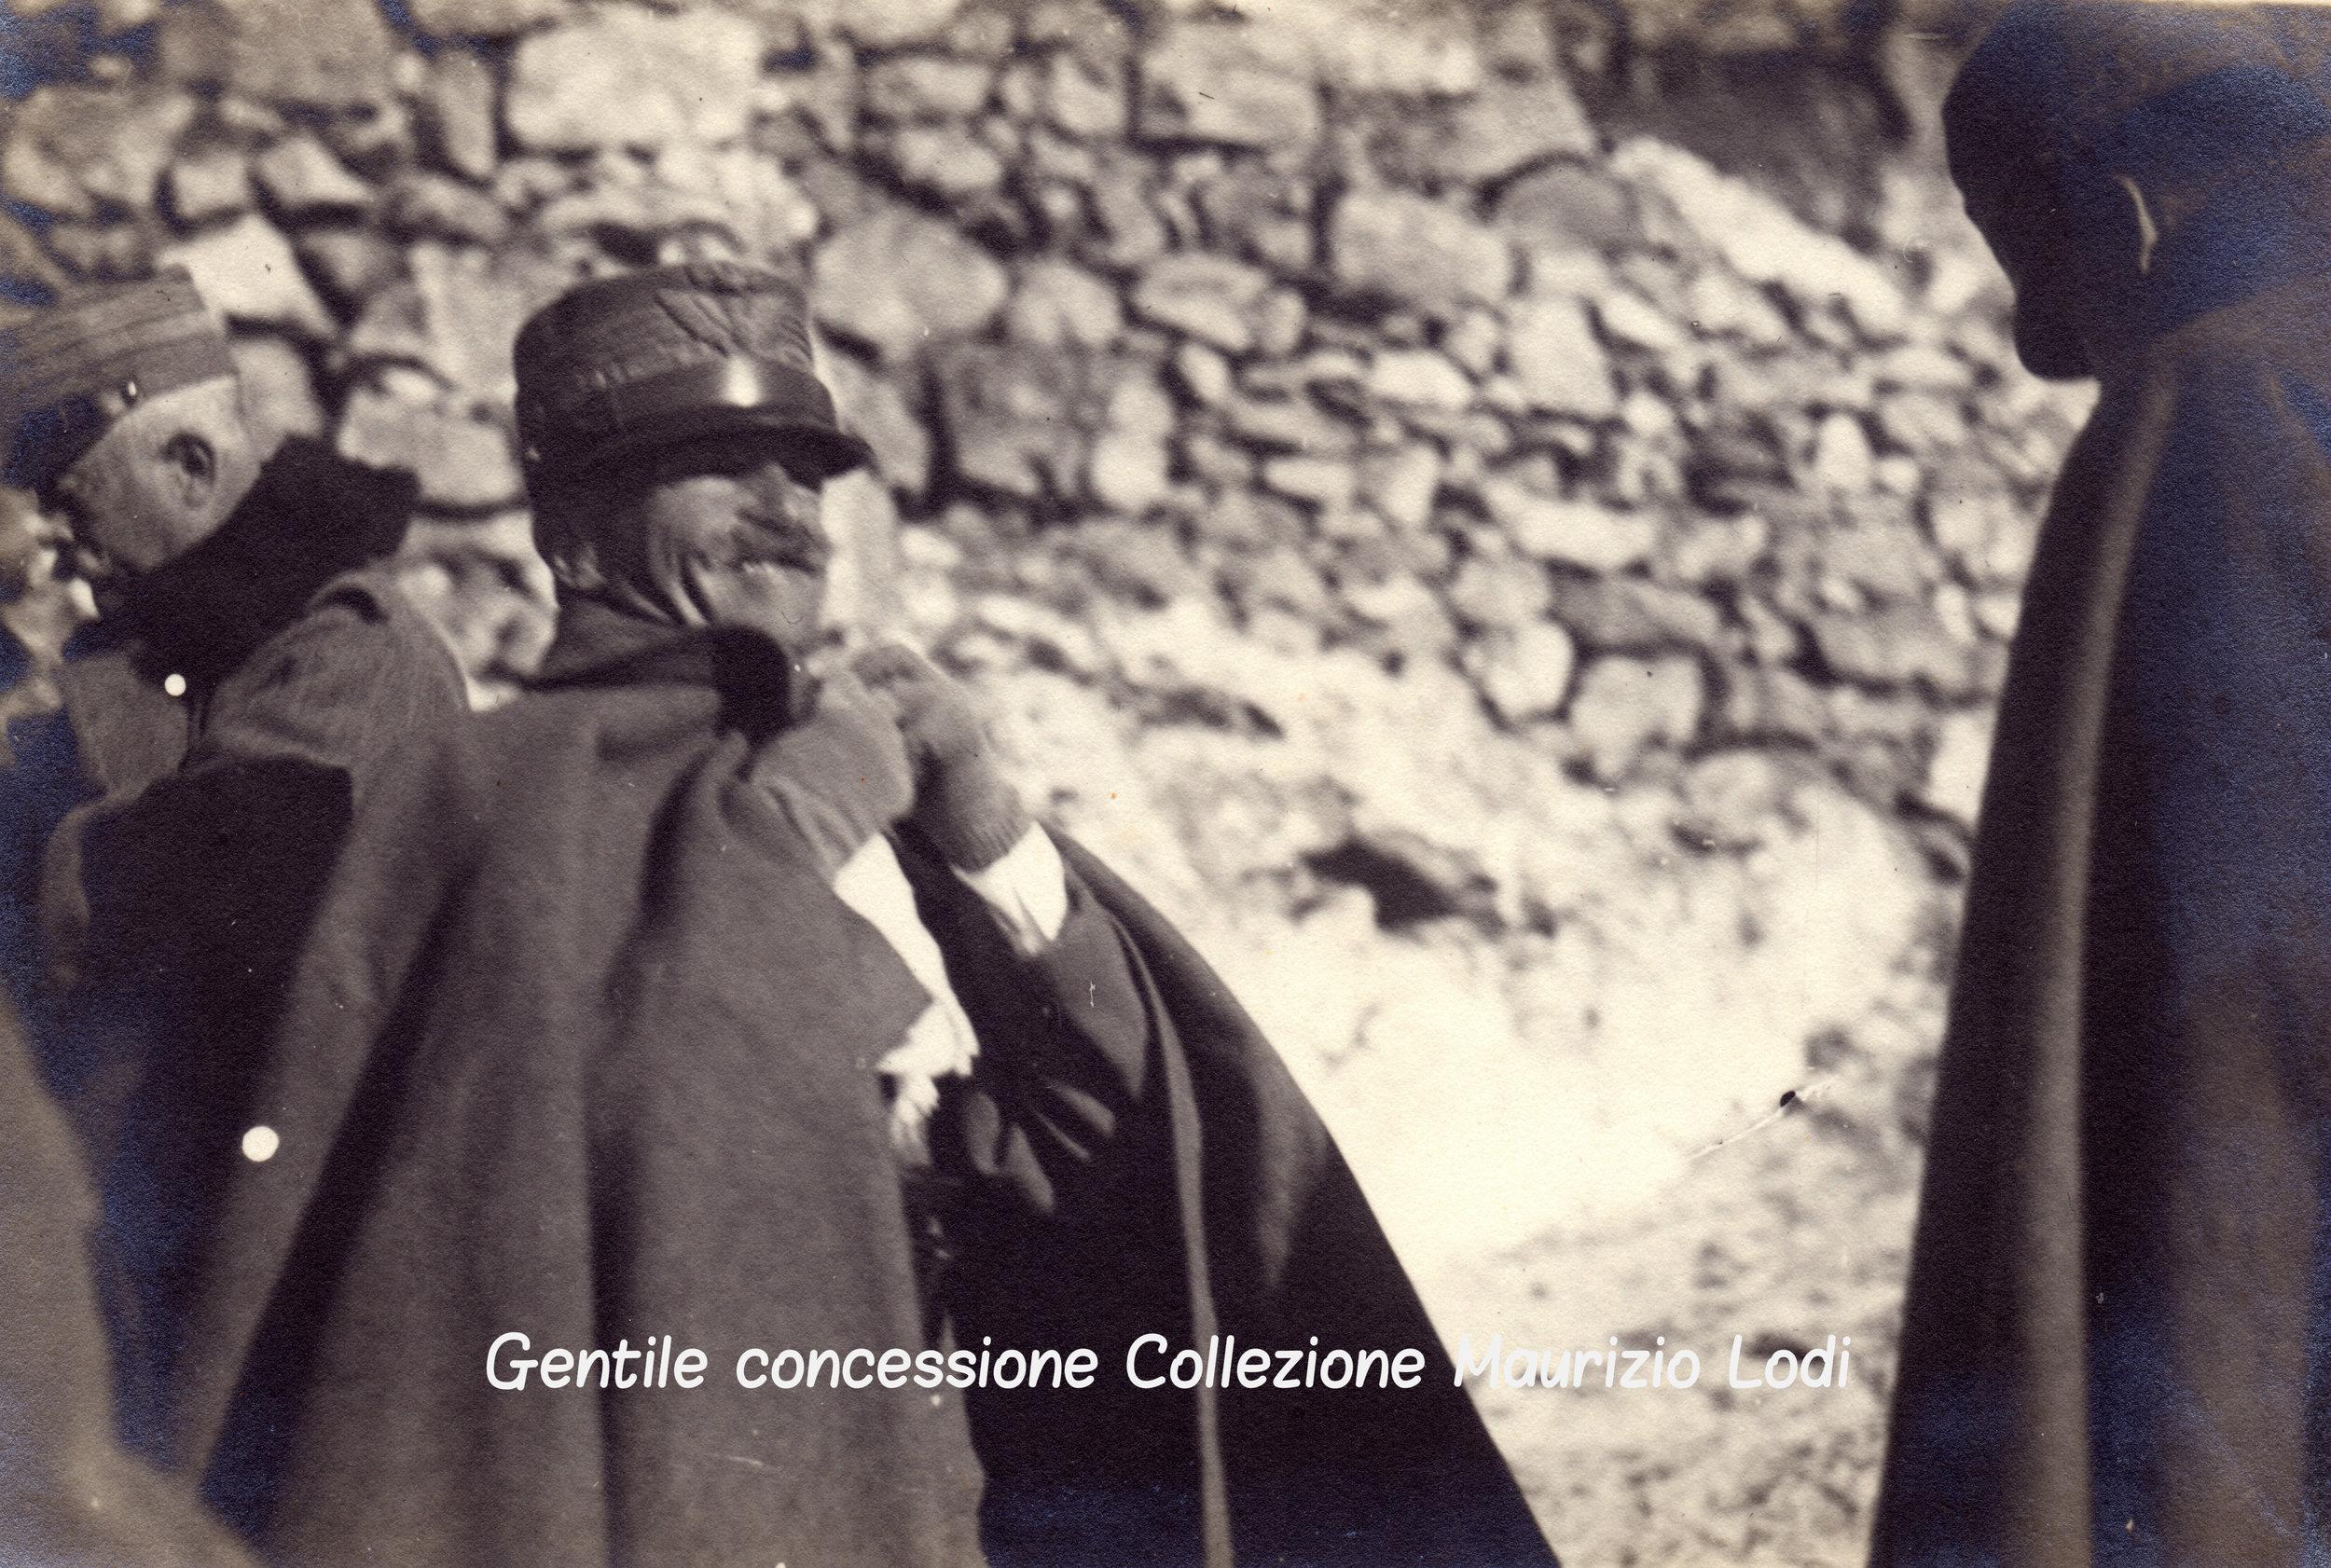 Novembre 1917: S.M. il Re in visita ispettiva ai lavori di rafforzamento nel settore Monte Pasubio - Cima Palon; sotto: due immagini di S.A.R. Emanuele Filiberto di Savoia Duca d'Aosta ritratto in trincea al fronte.